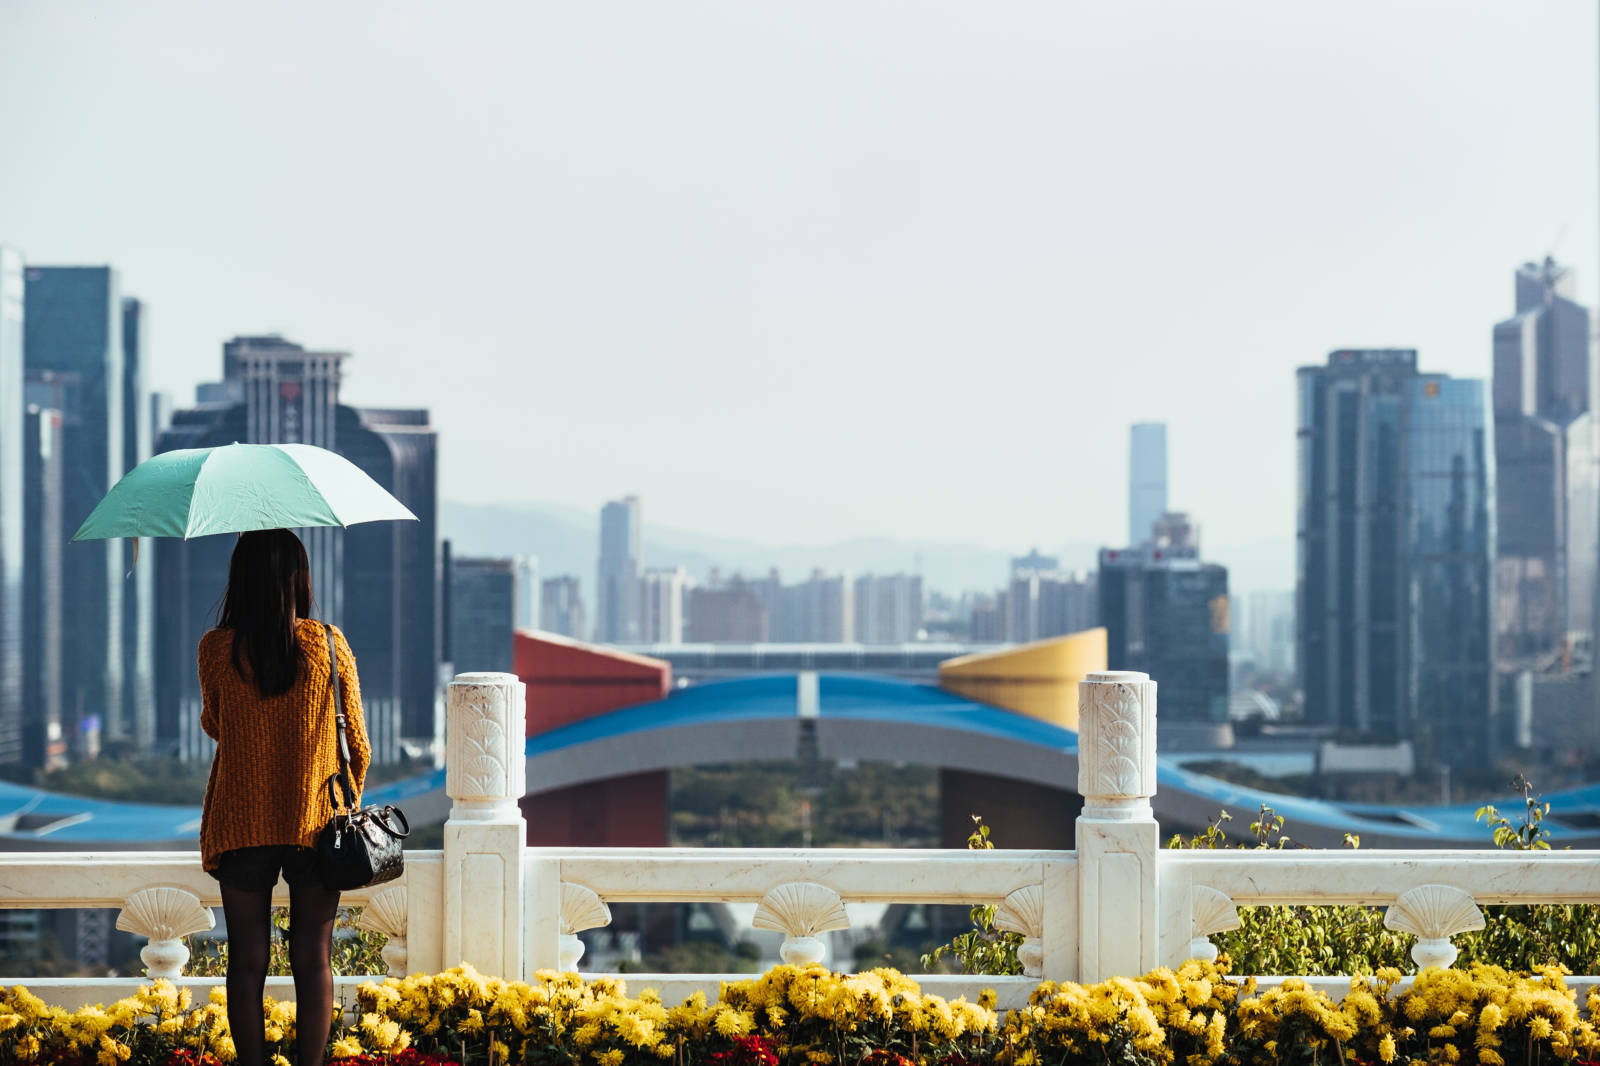 2 . Shenzhen, China